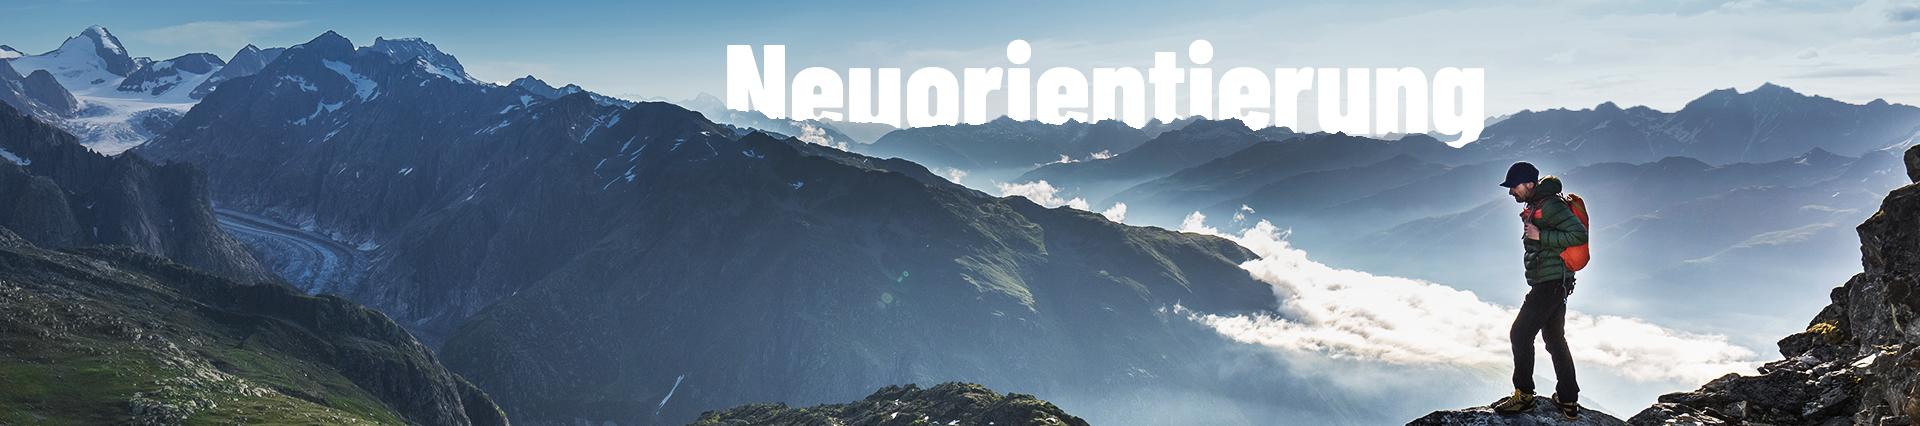 Neuorientierung - Nehmen Sie sich jetzt Zeit